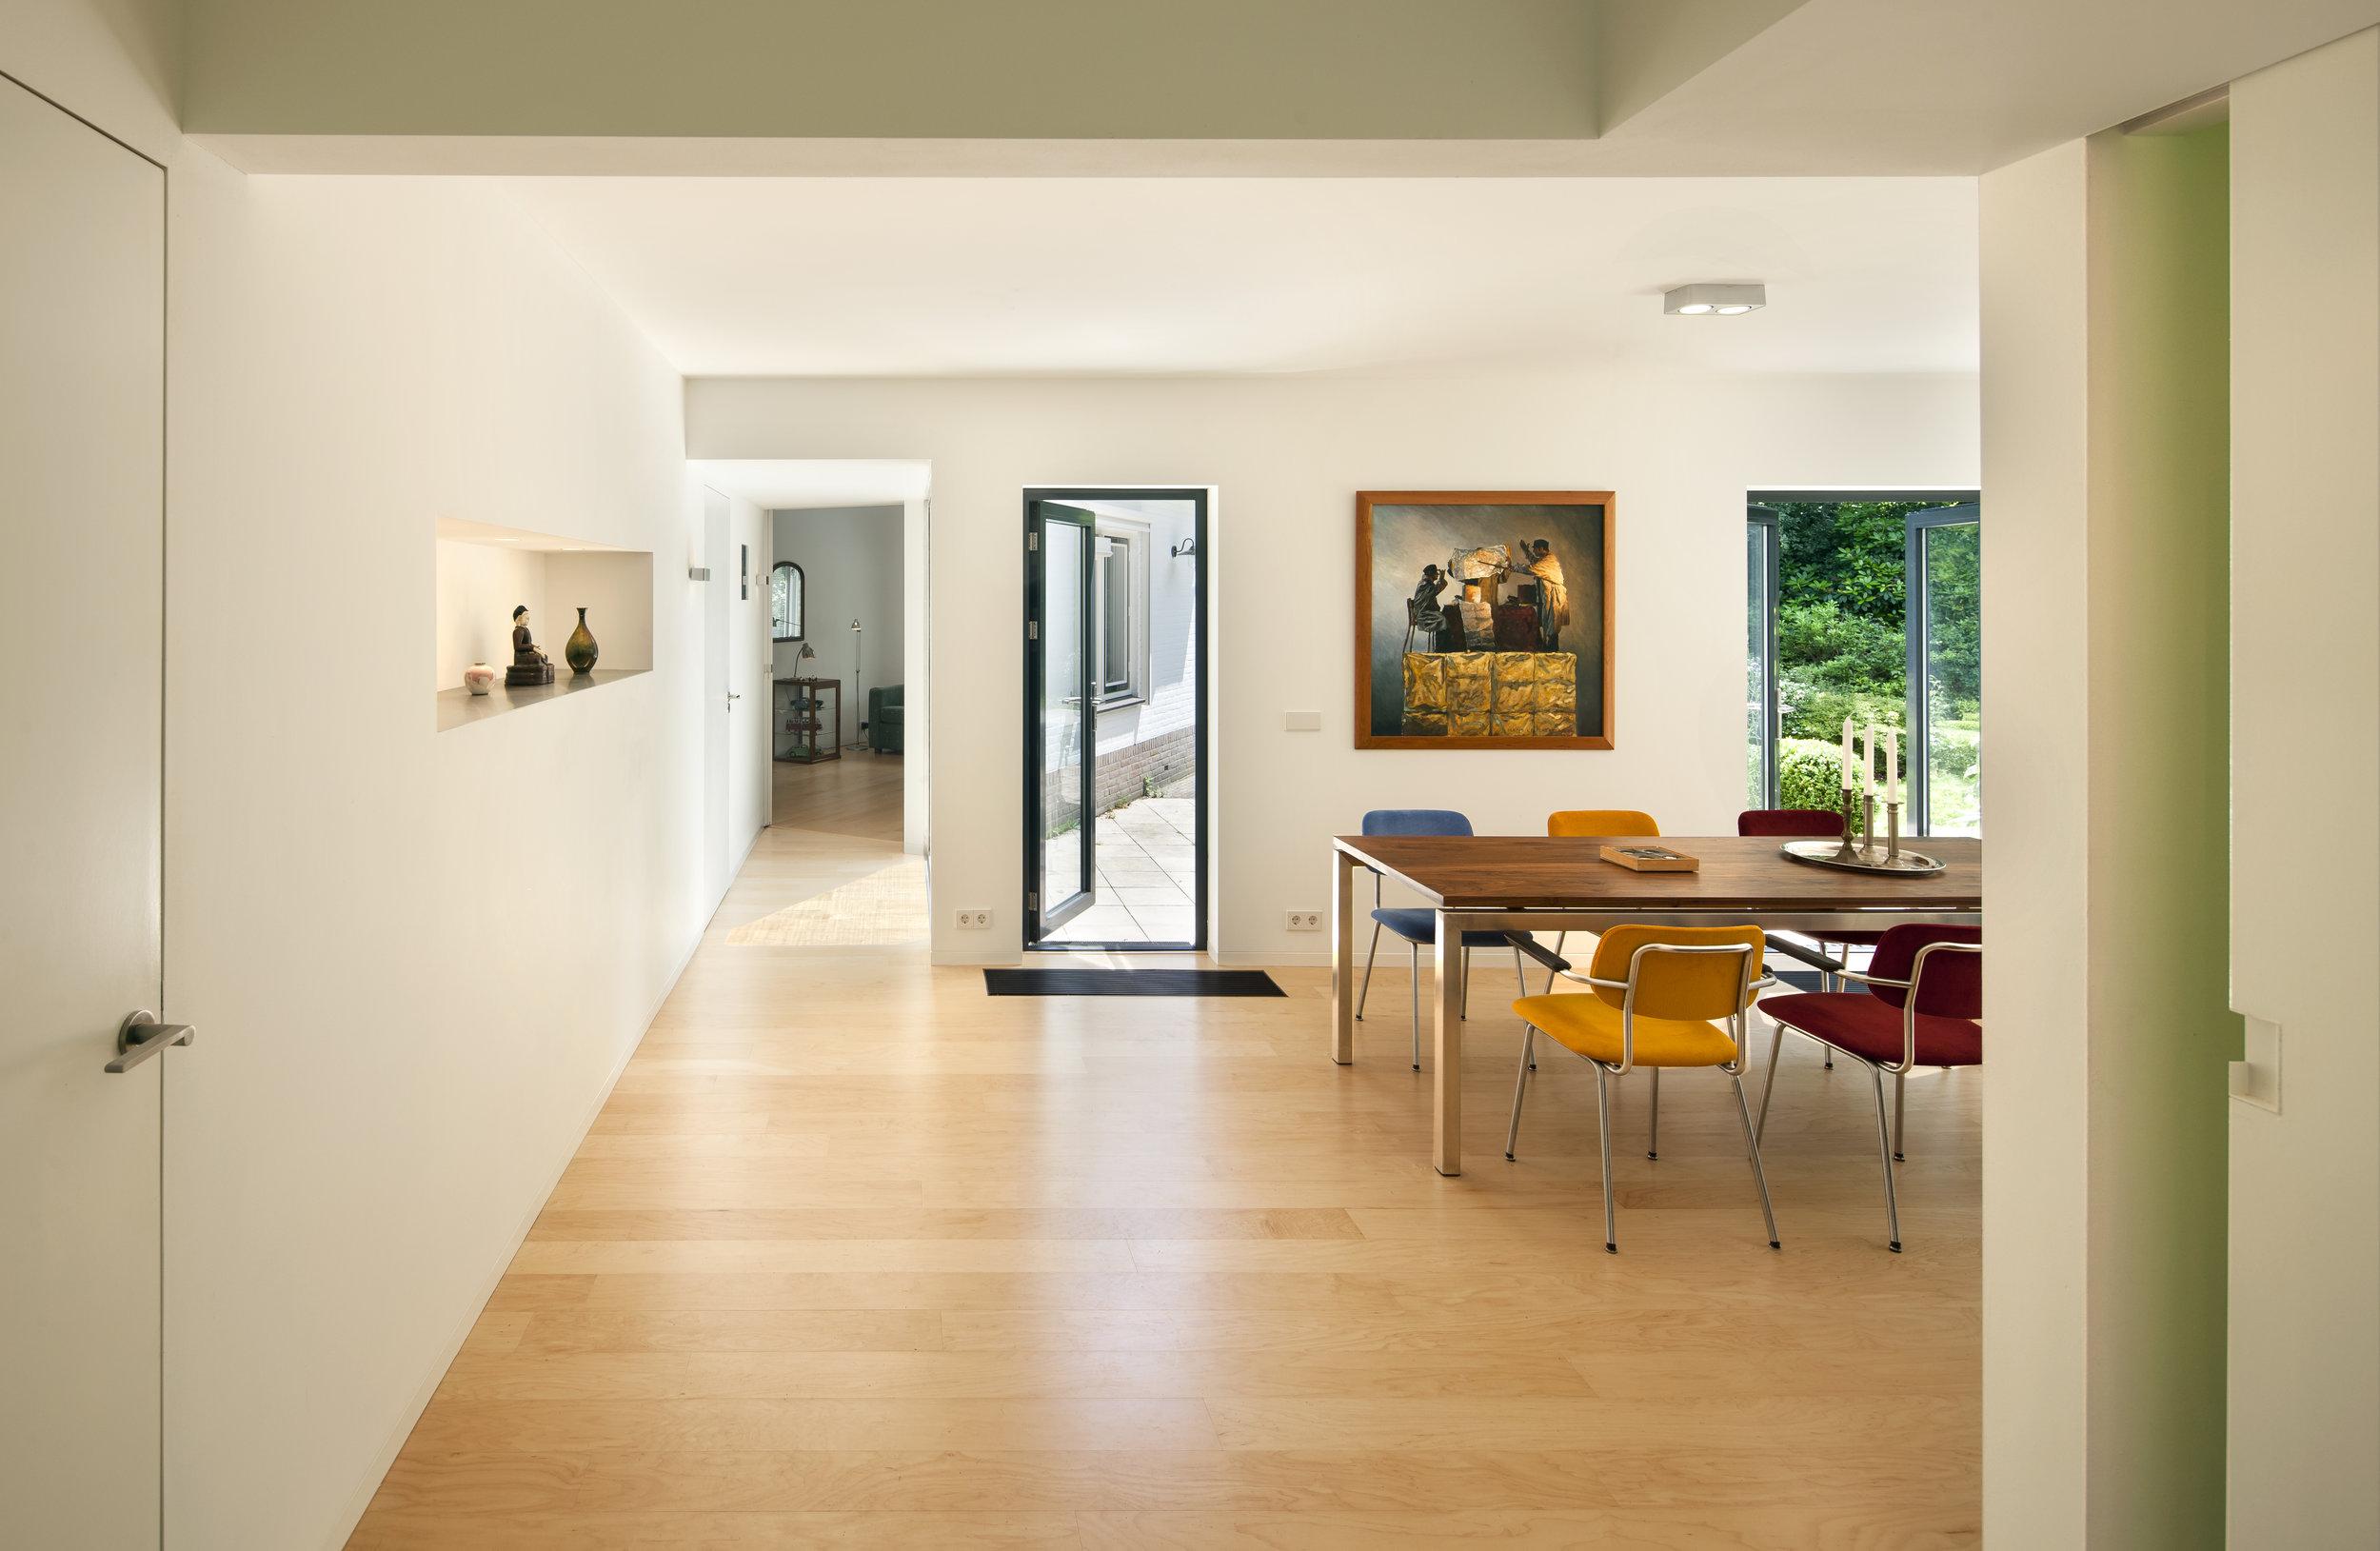 Interieur woonkamer villa Huis ter Heide detail binnendeur kozijnloos